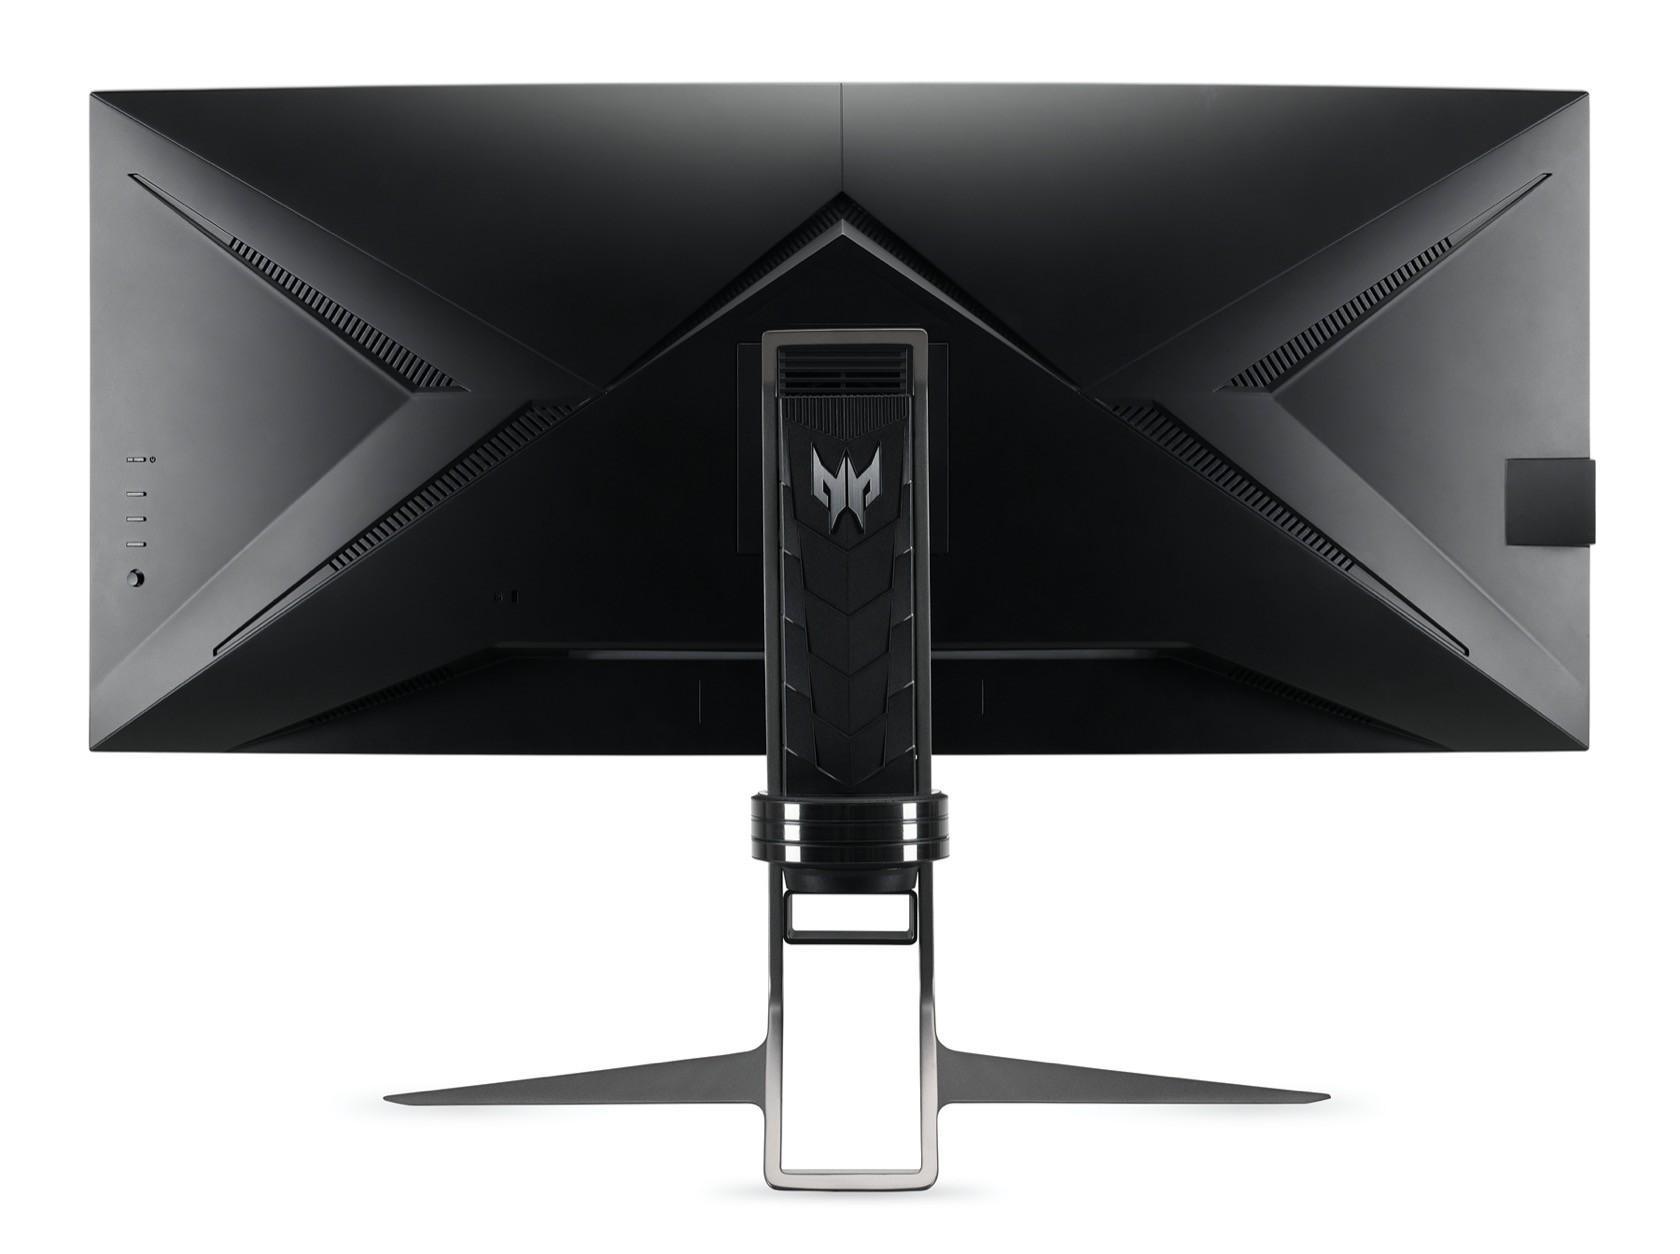 Acer giới thiệu loạt màn hình chơi game: 4K OLED, 55 inch, giá từ 2.999 USD Ảnh 4